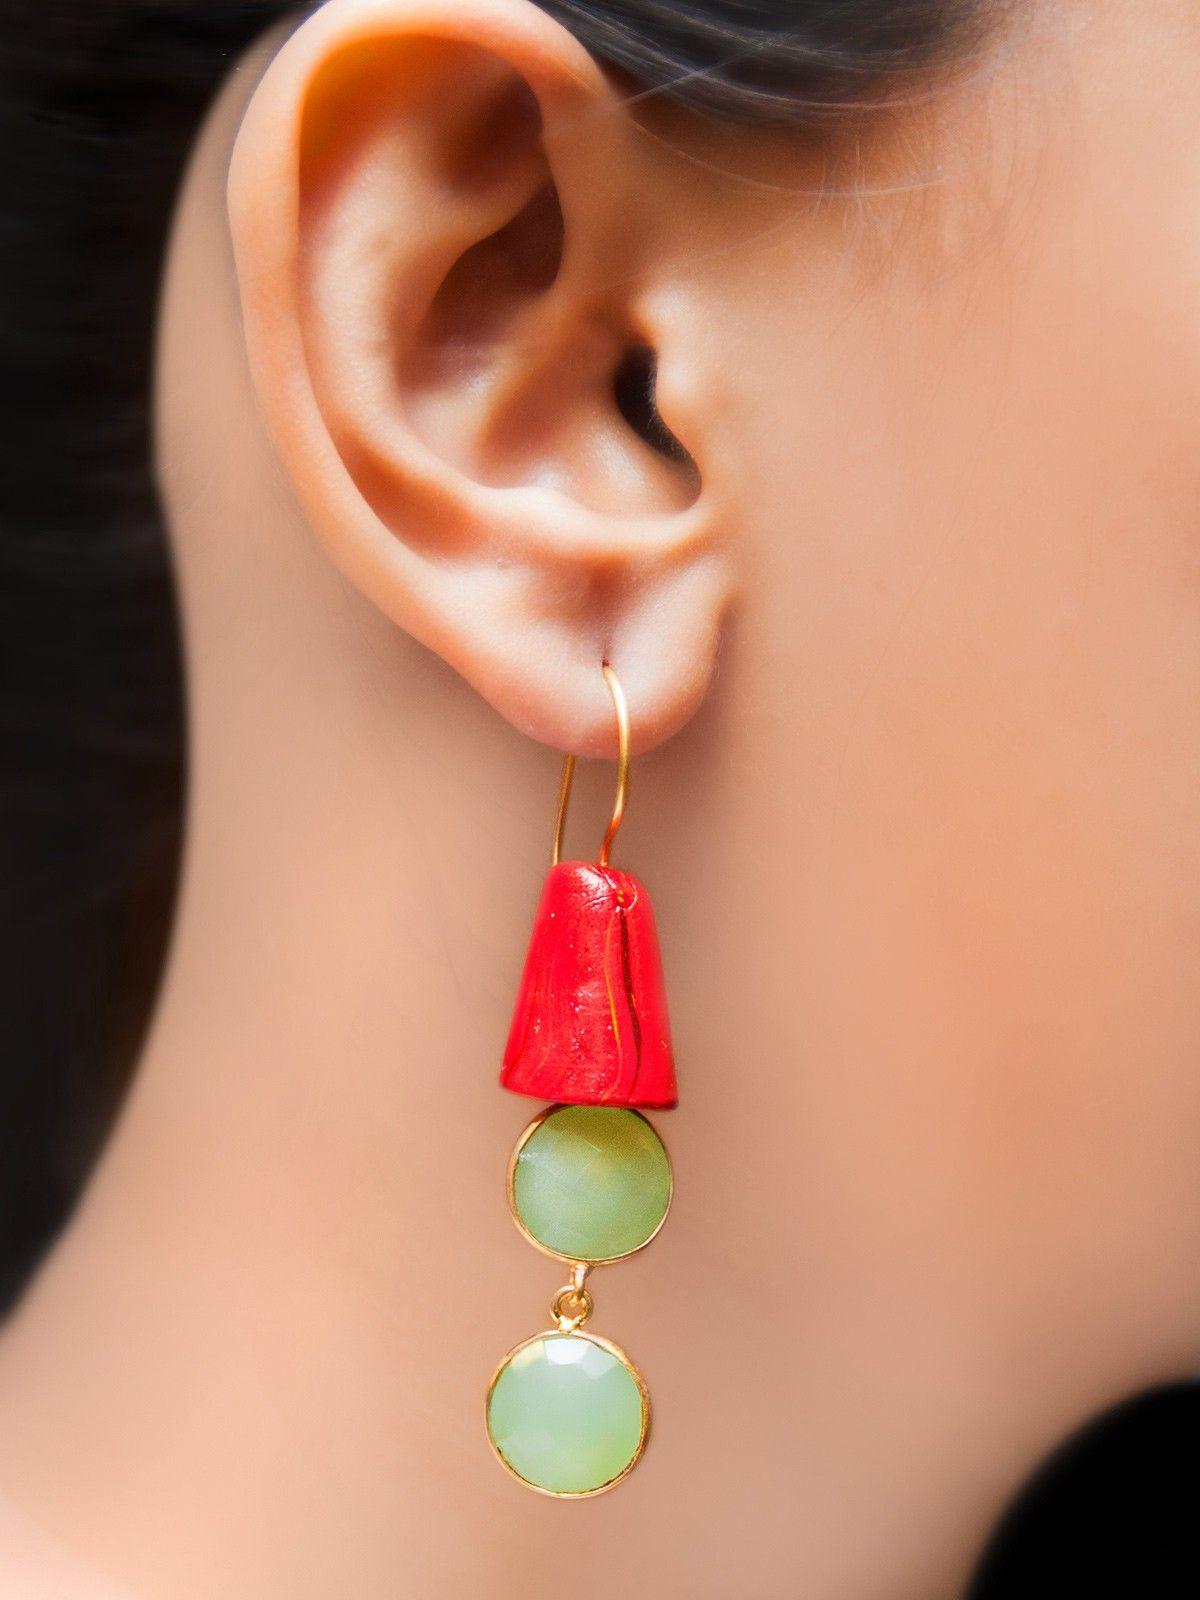 Sea-green interstellar earrings